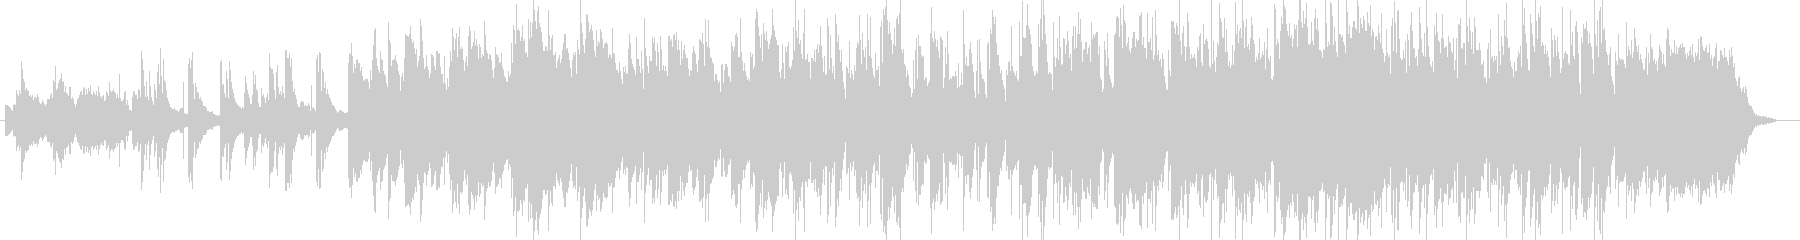 ジャズ風ストリングスシンセサイザー曲の未再生の波形